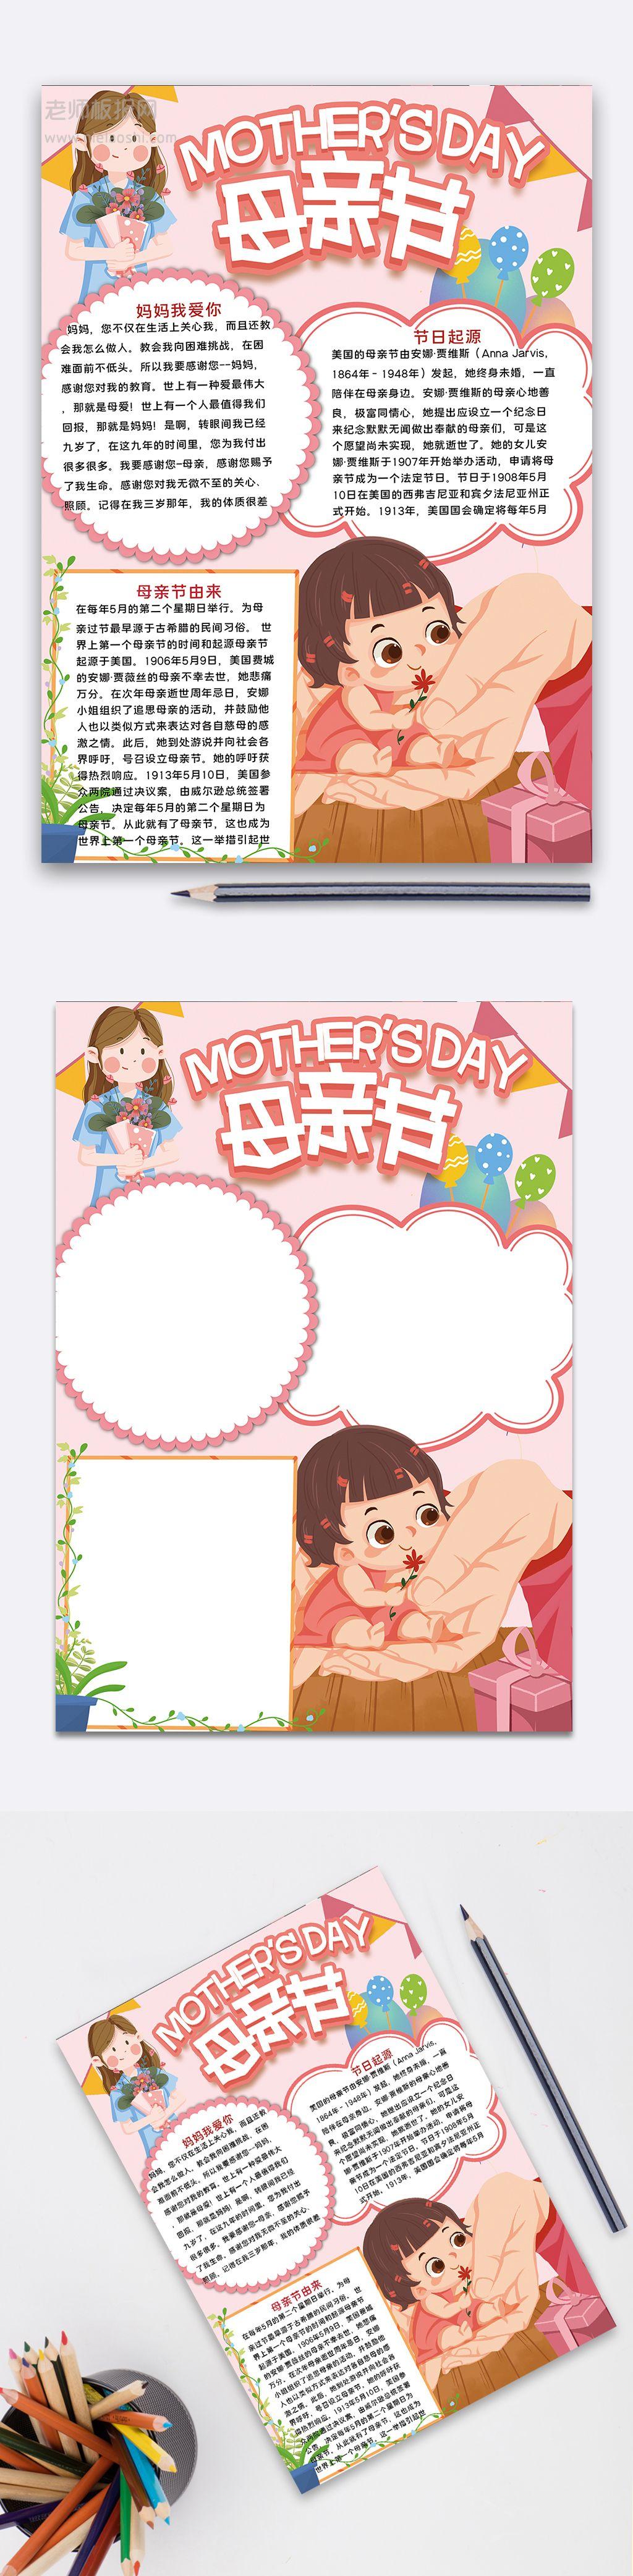 卡通粉色系列母亲节手抄报word电子小报模板